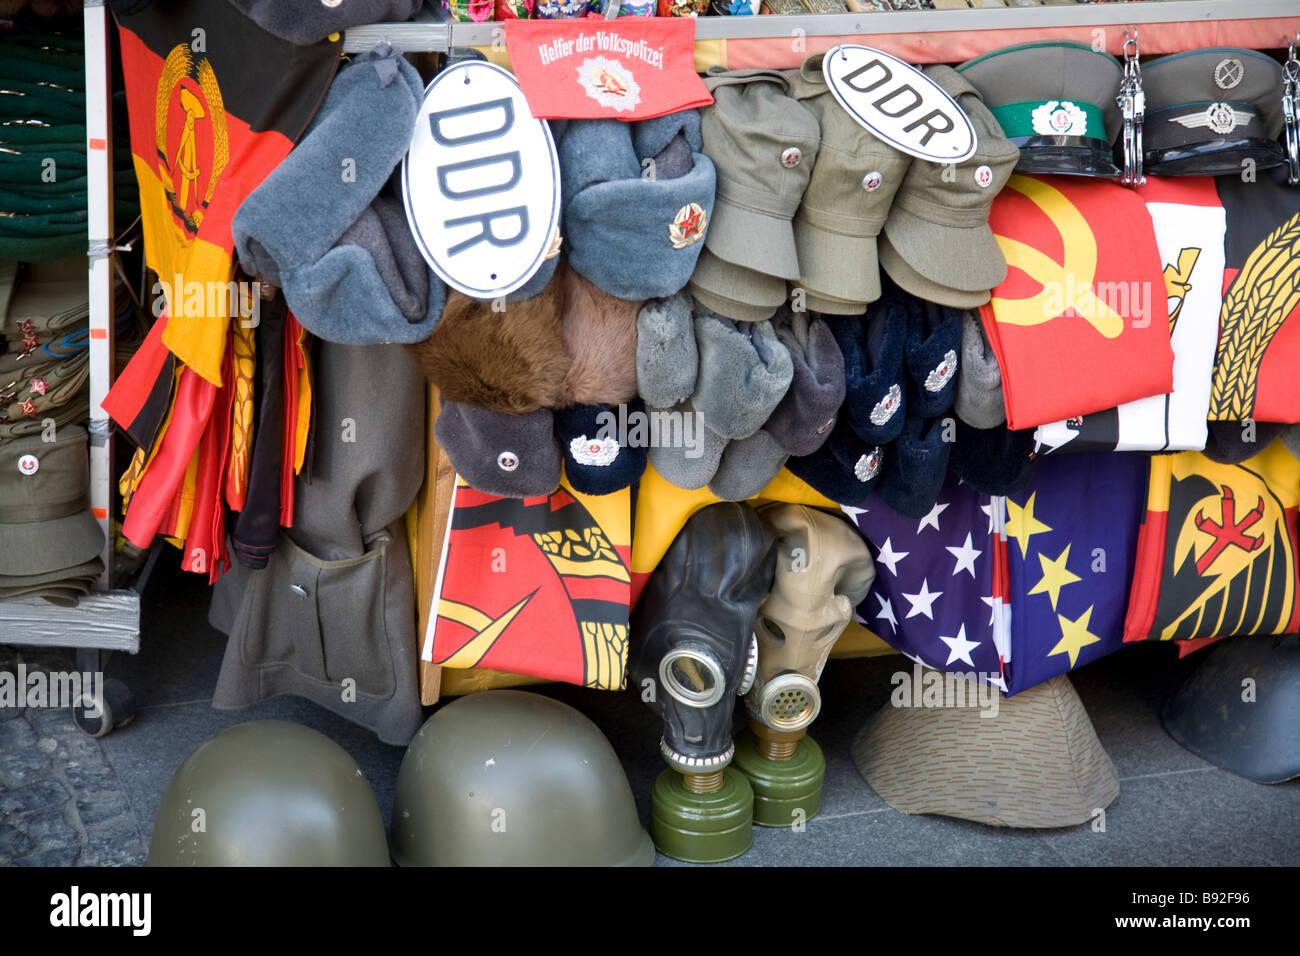 Souvenirs de la guerre froide est populaire auprès des touristes à Berlin Allemagne Photo Stock